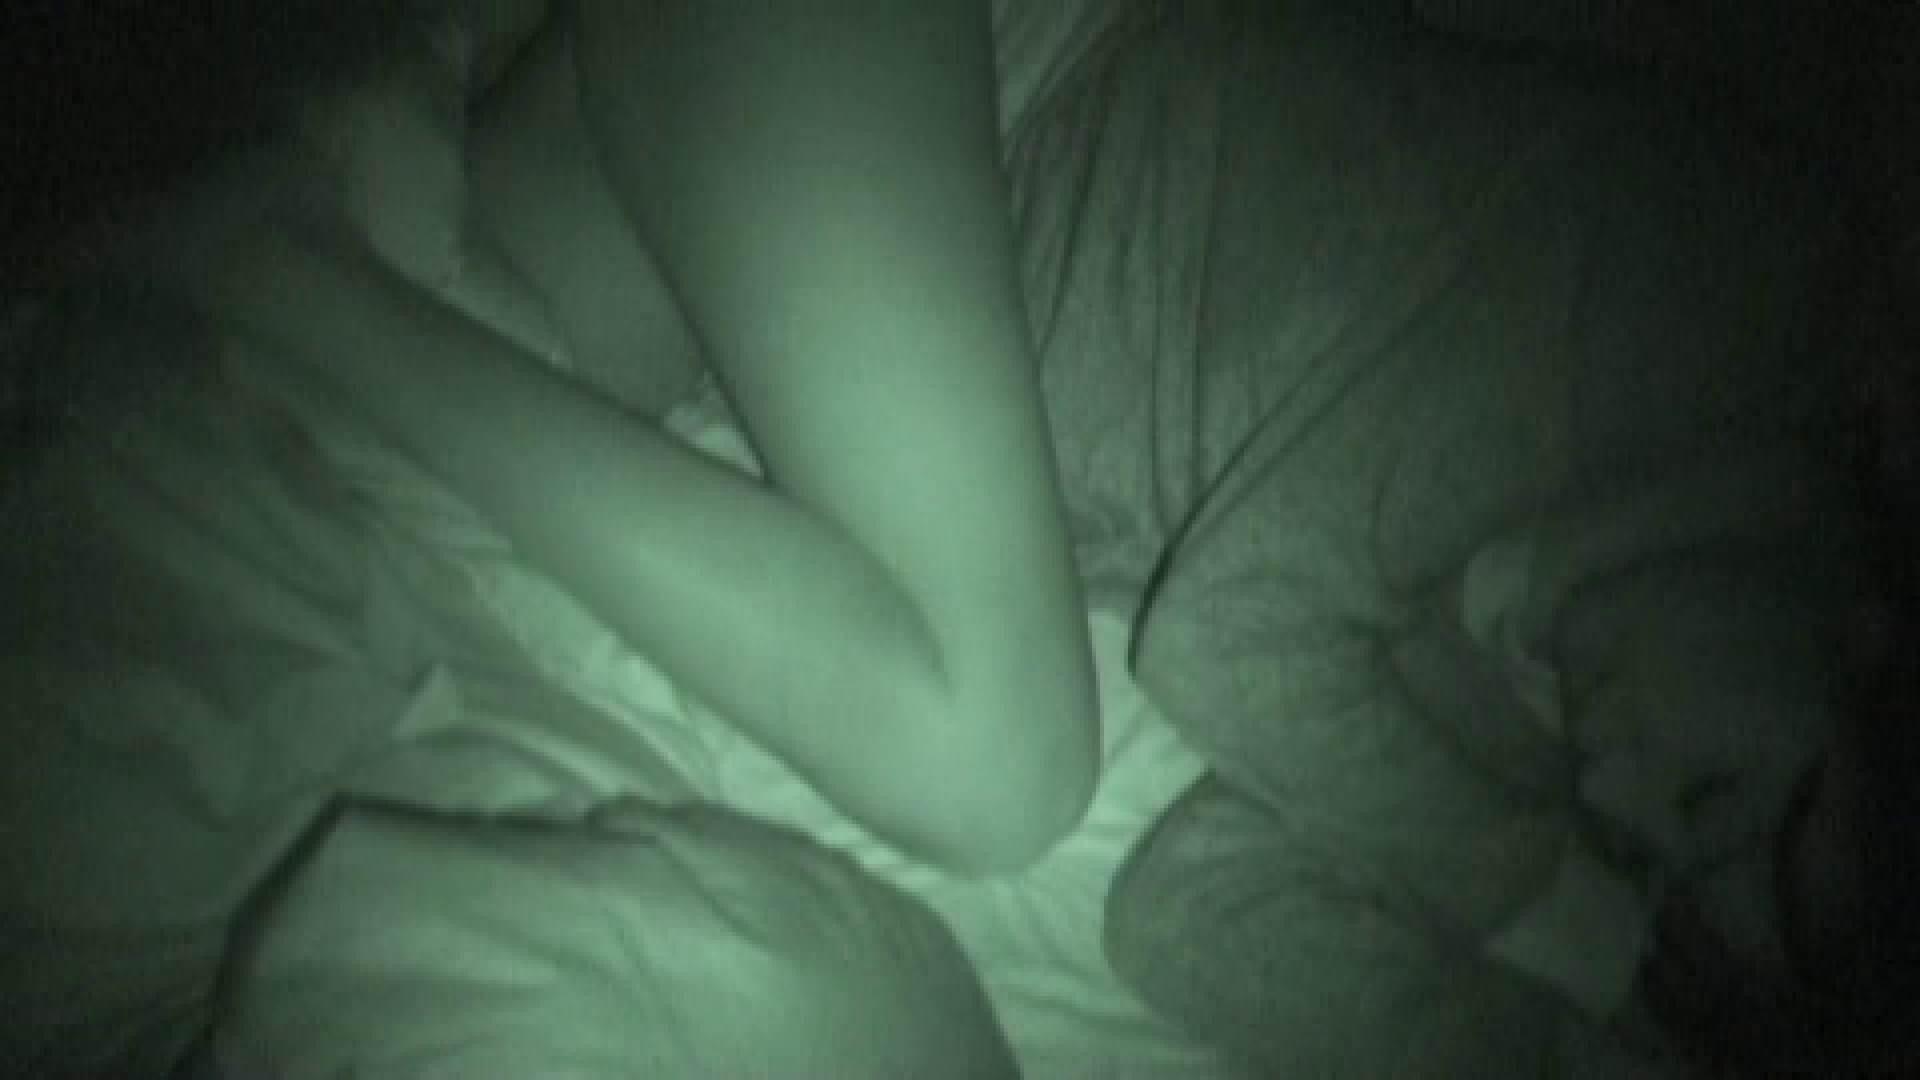 独占配信! ●罪証拠DVD 起きません! vol.10 パンティ セックス画像 97pic 37